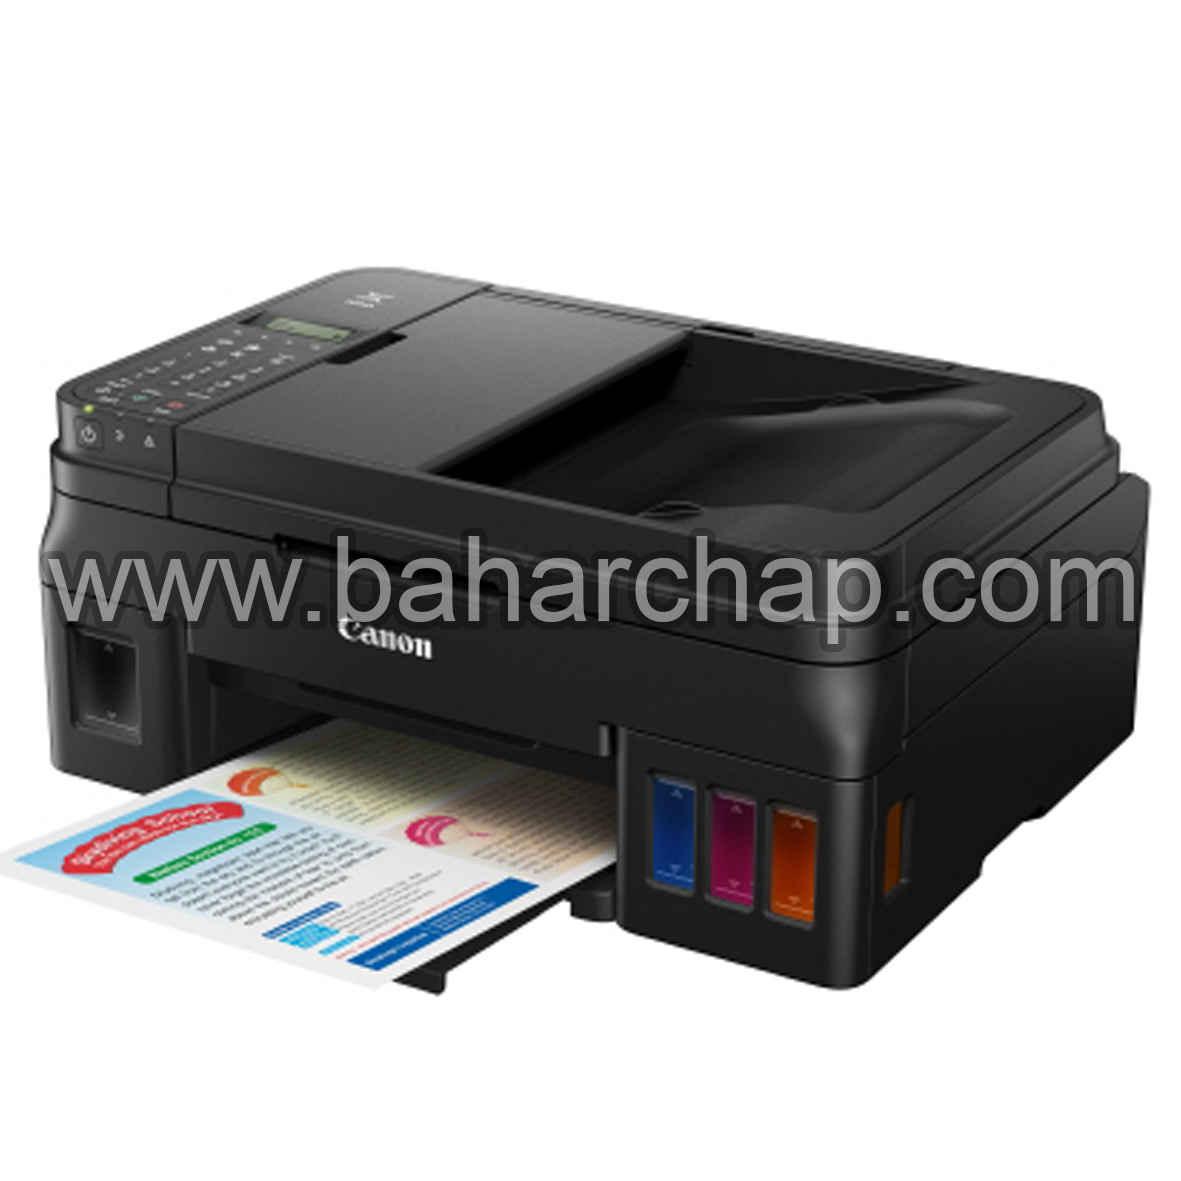 فروشگاه و خدمات اینترنتی بهارچاپ اصفهان-دانلود نرم افزار ریست پرینتر Canon G4902-Reset canon by ST5105